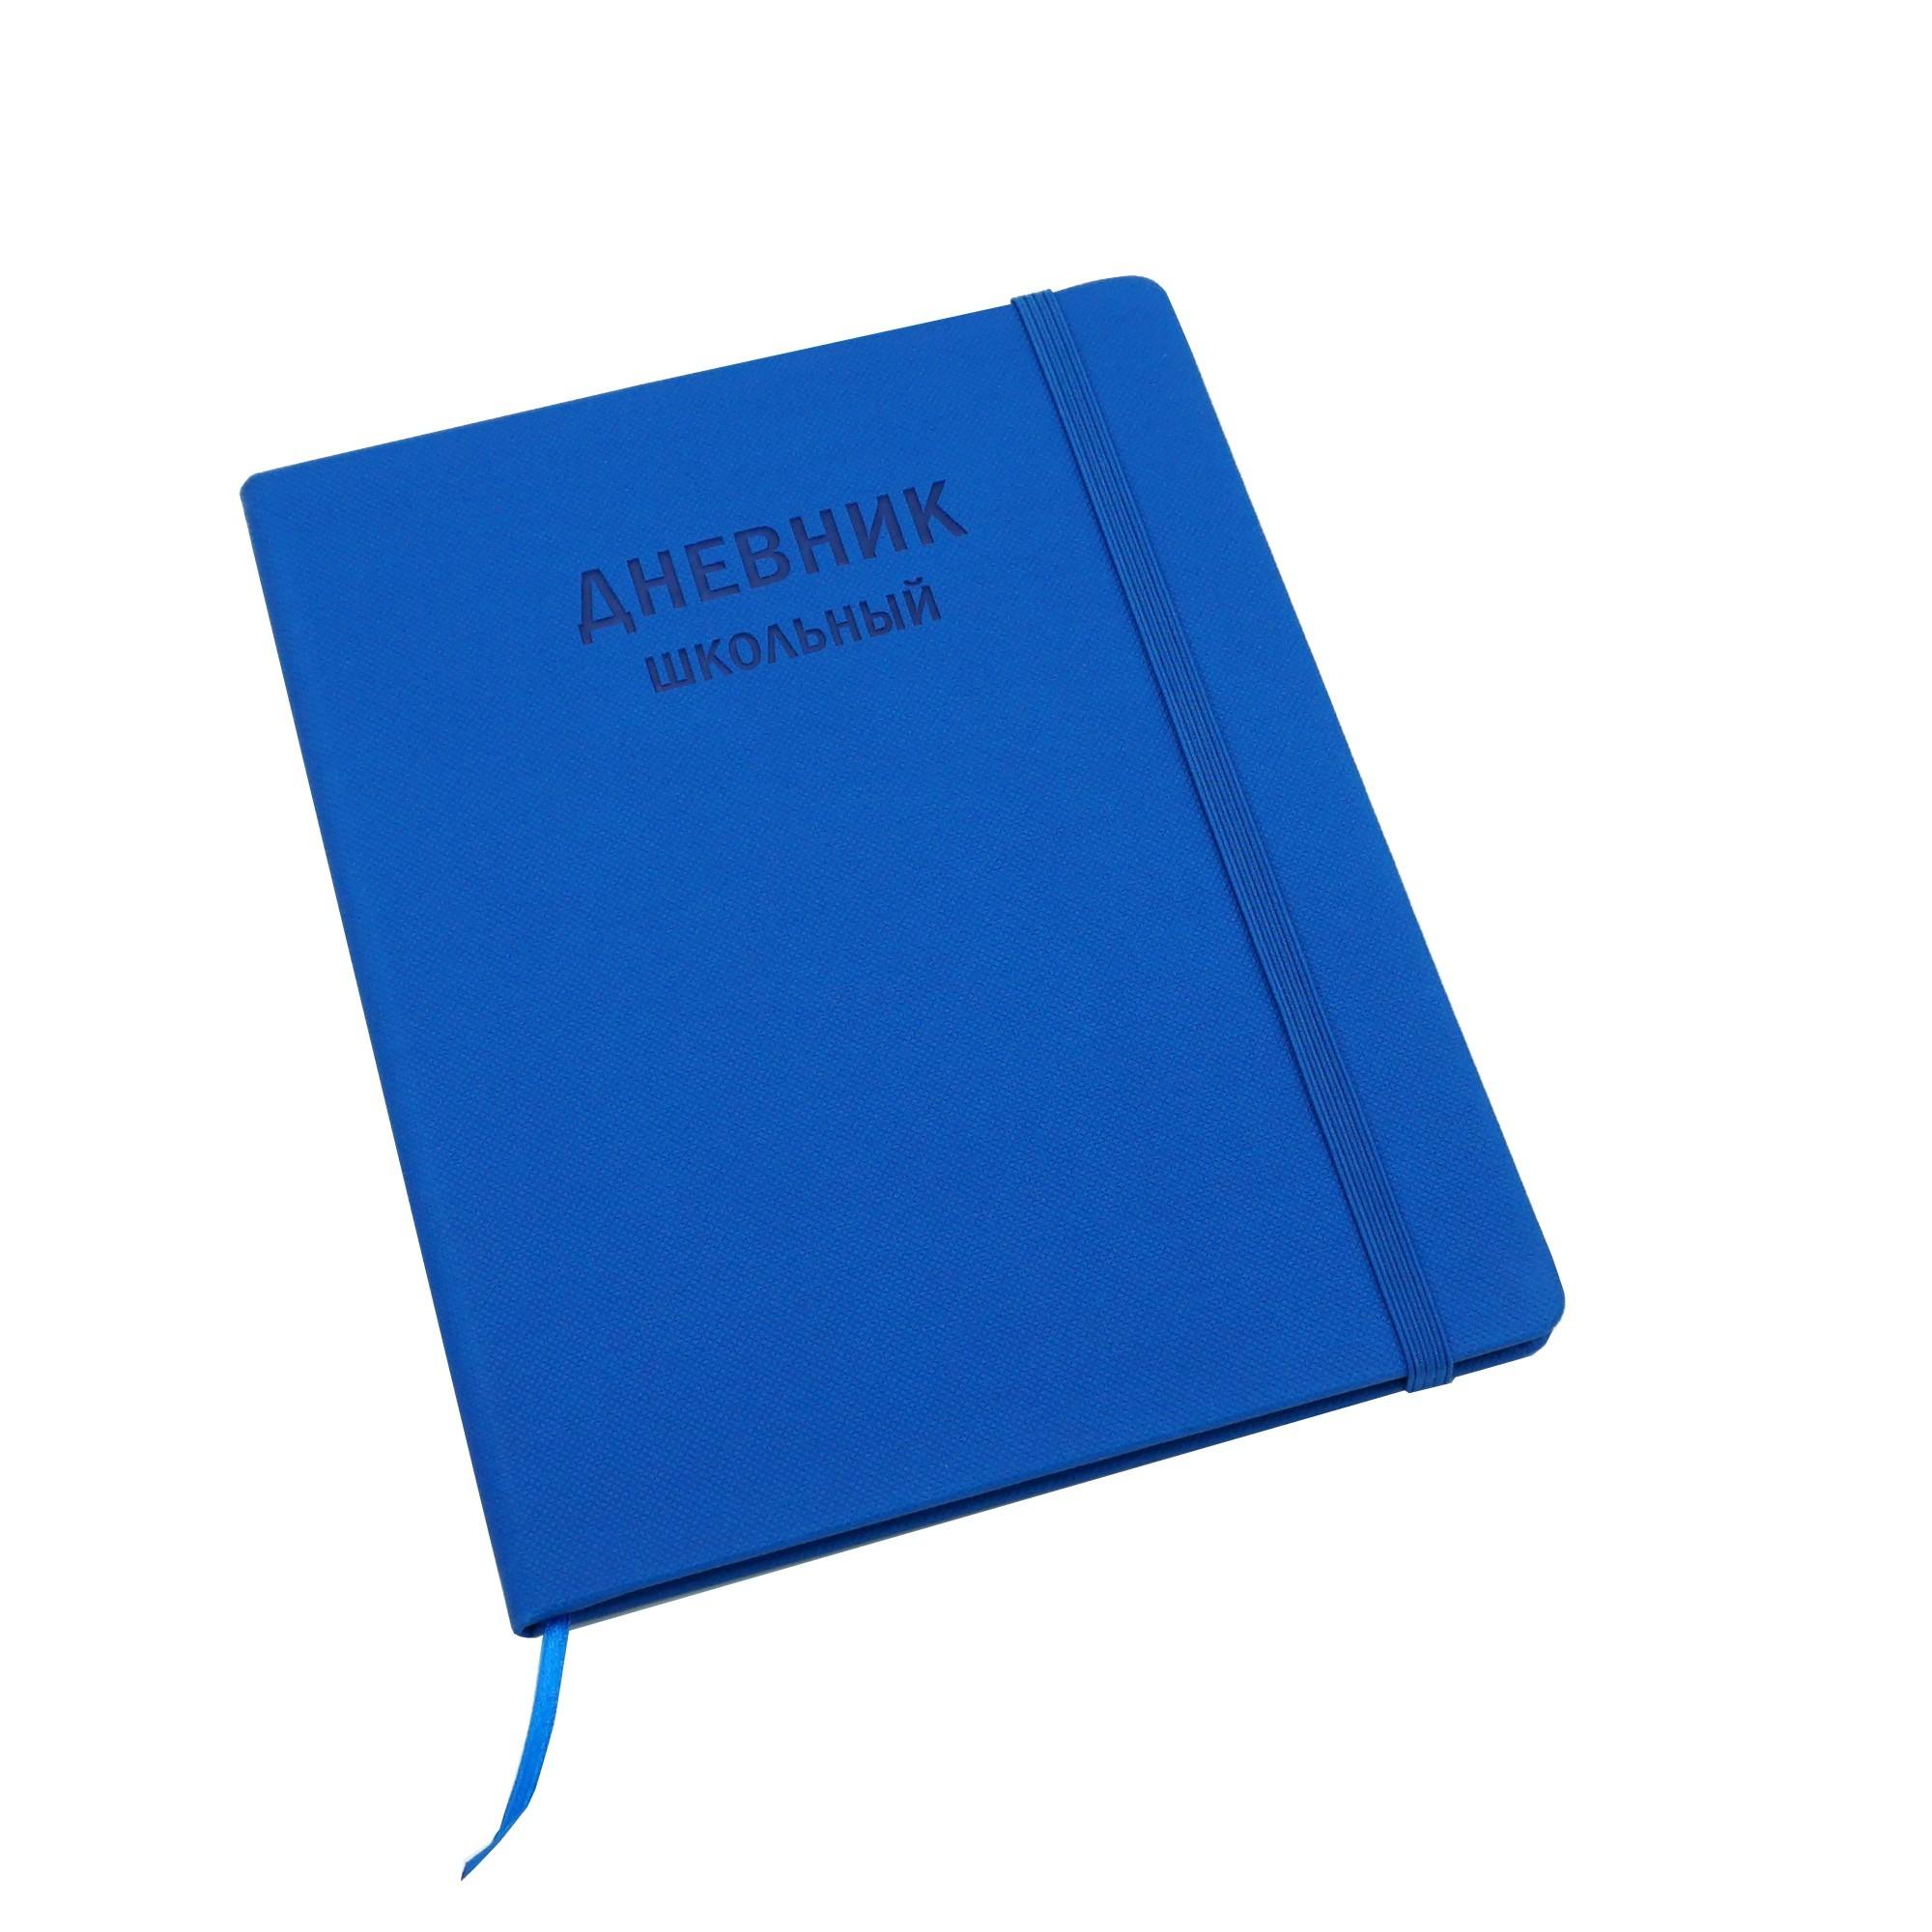 Дневник ст кл Тexture. Синий (иск.кожа)